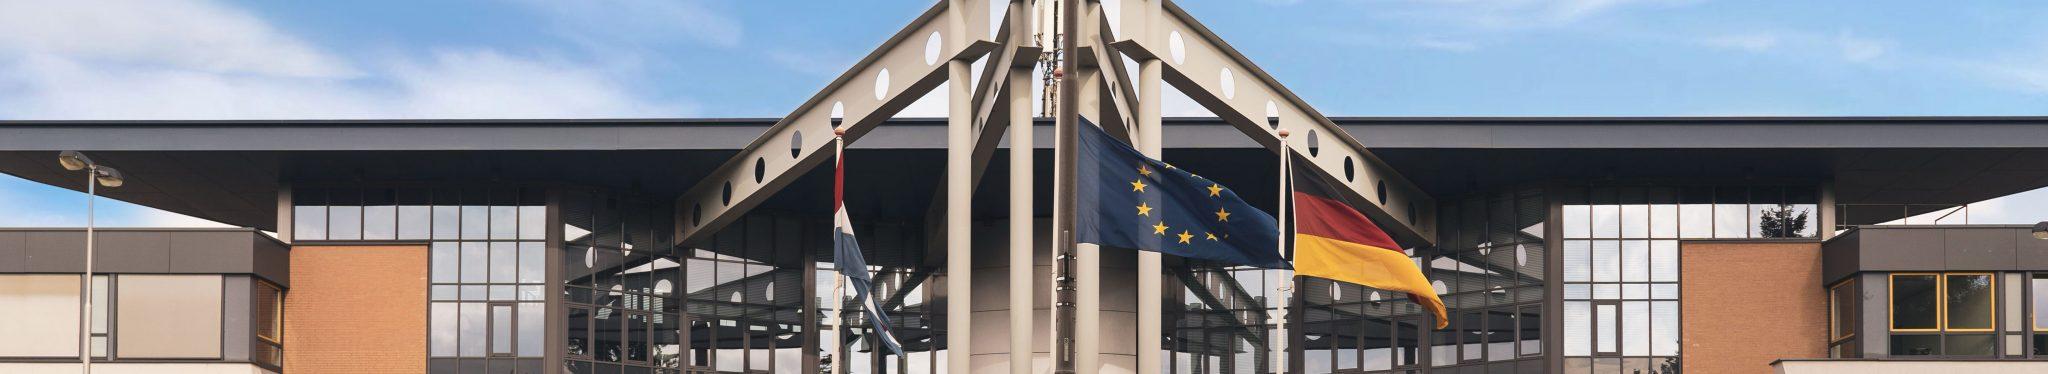 EBC Herzogenrath Wedow Immobilien